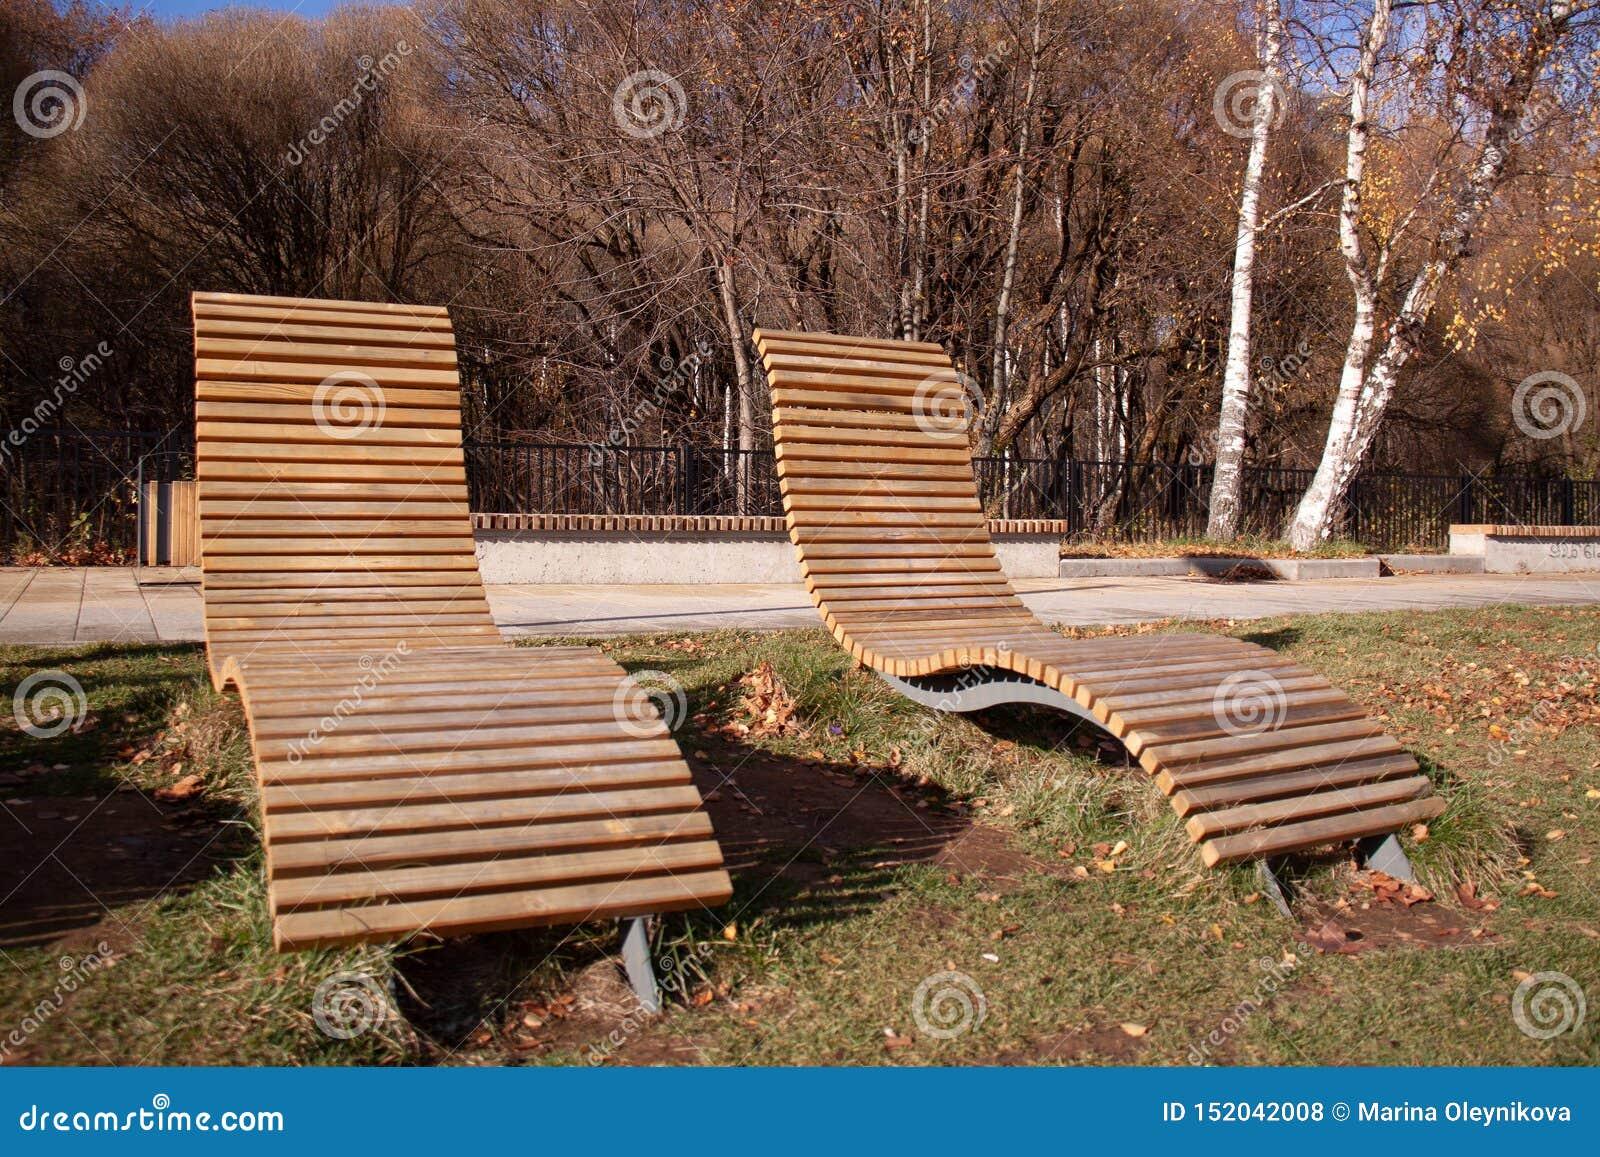 秋天草和叶子,哀伤的心情,寂寞,长凳